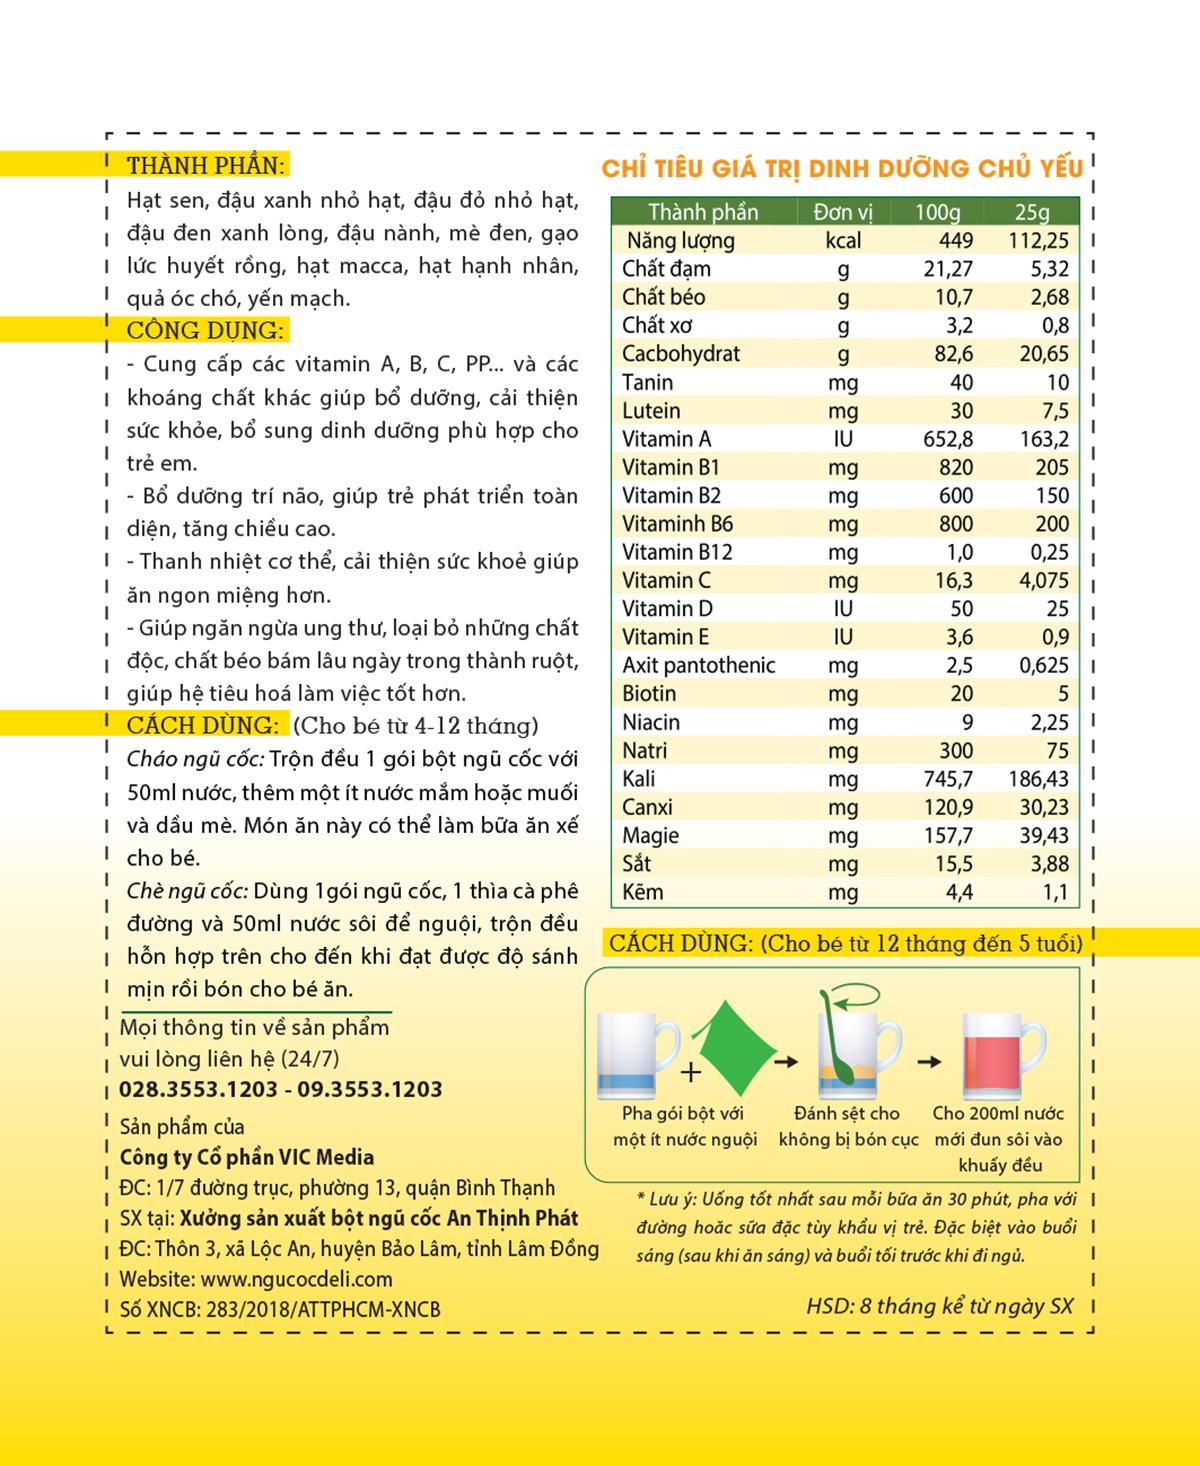 Bột ngũ cốc dinh dưỡng trẻ em (4 tháng - 5 tuổi) - Hộp 20 gói 12 - Deli Beans